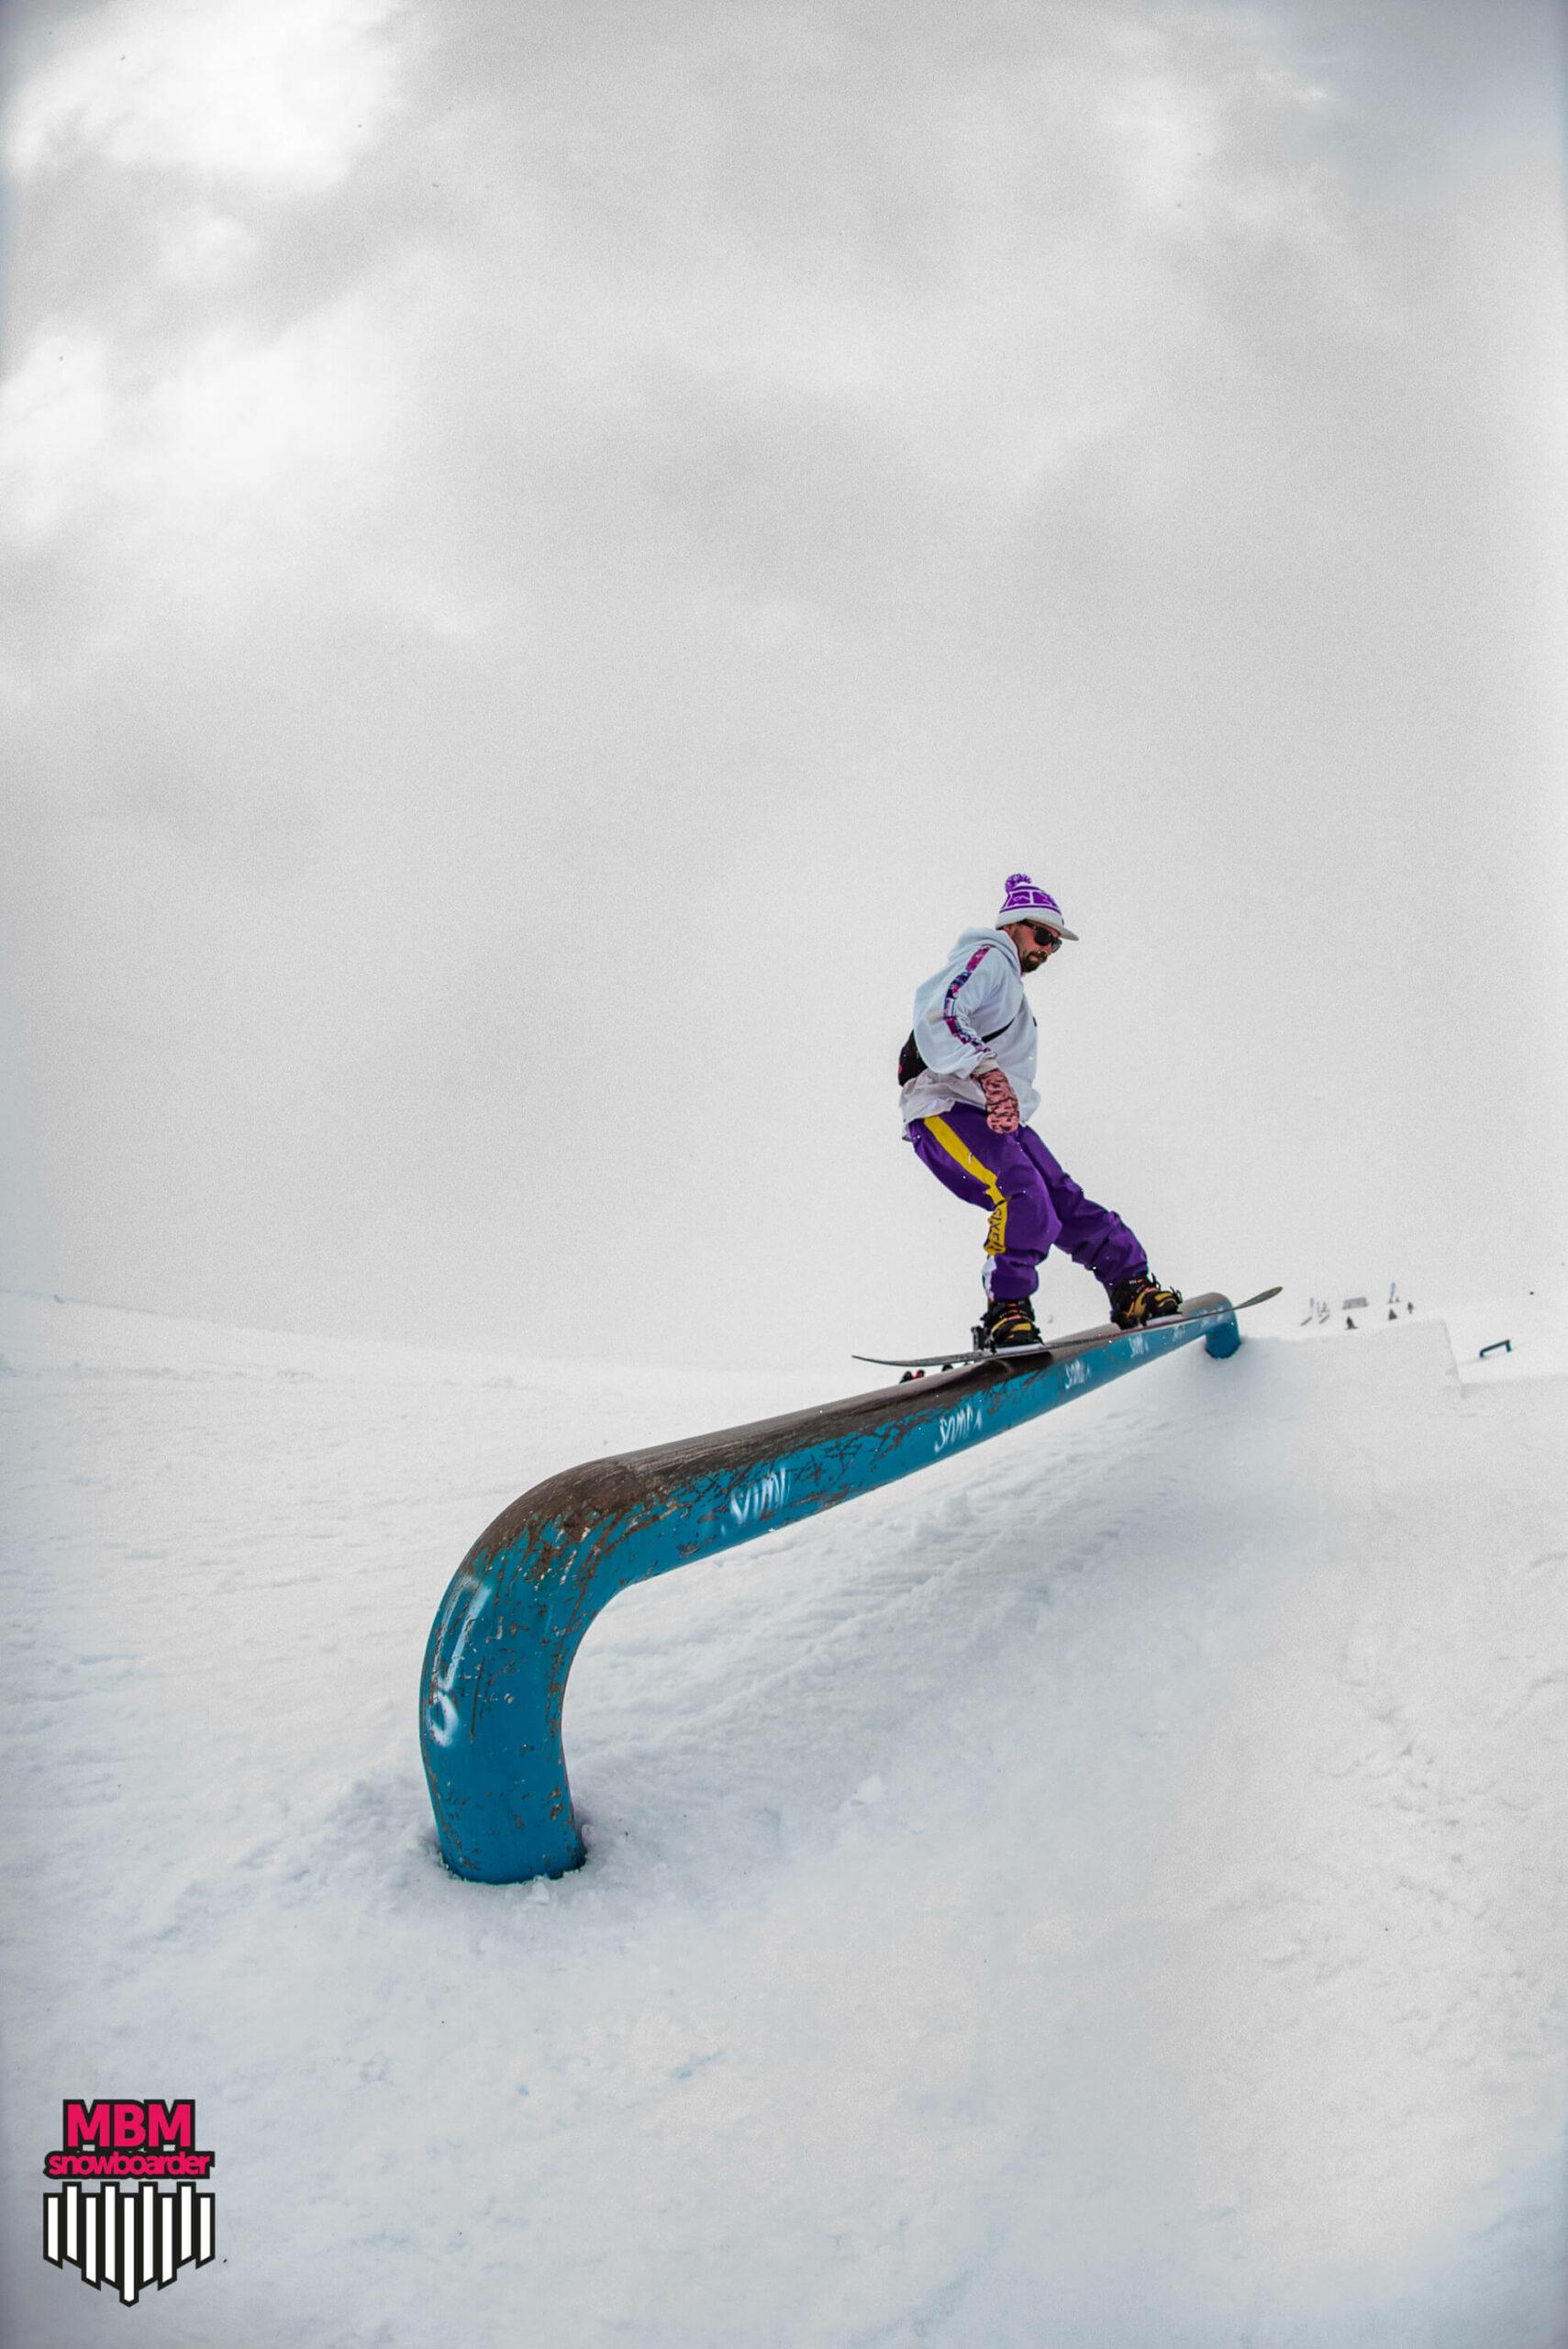 snowboarderMBM_sd_kaunertal_105